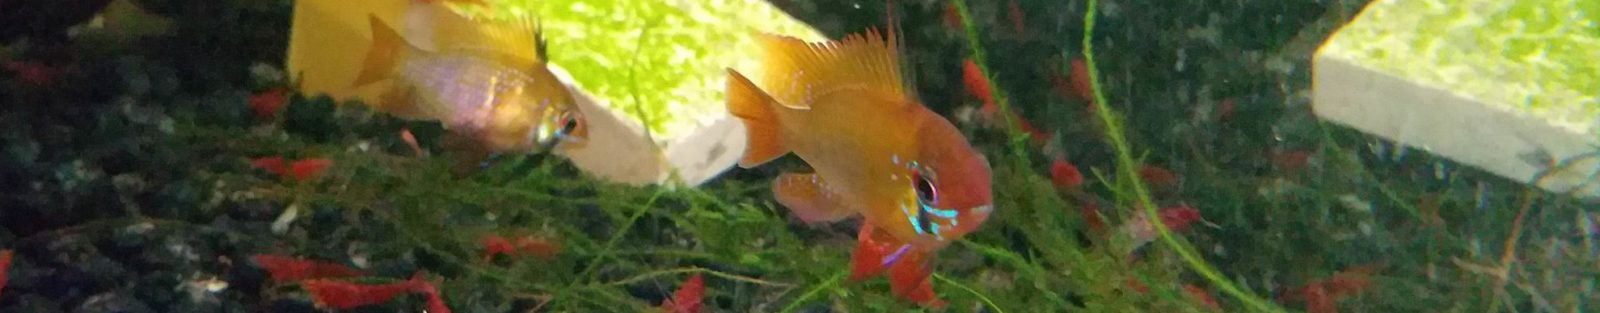 RGB Shrimp